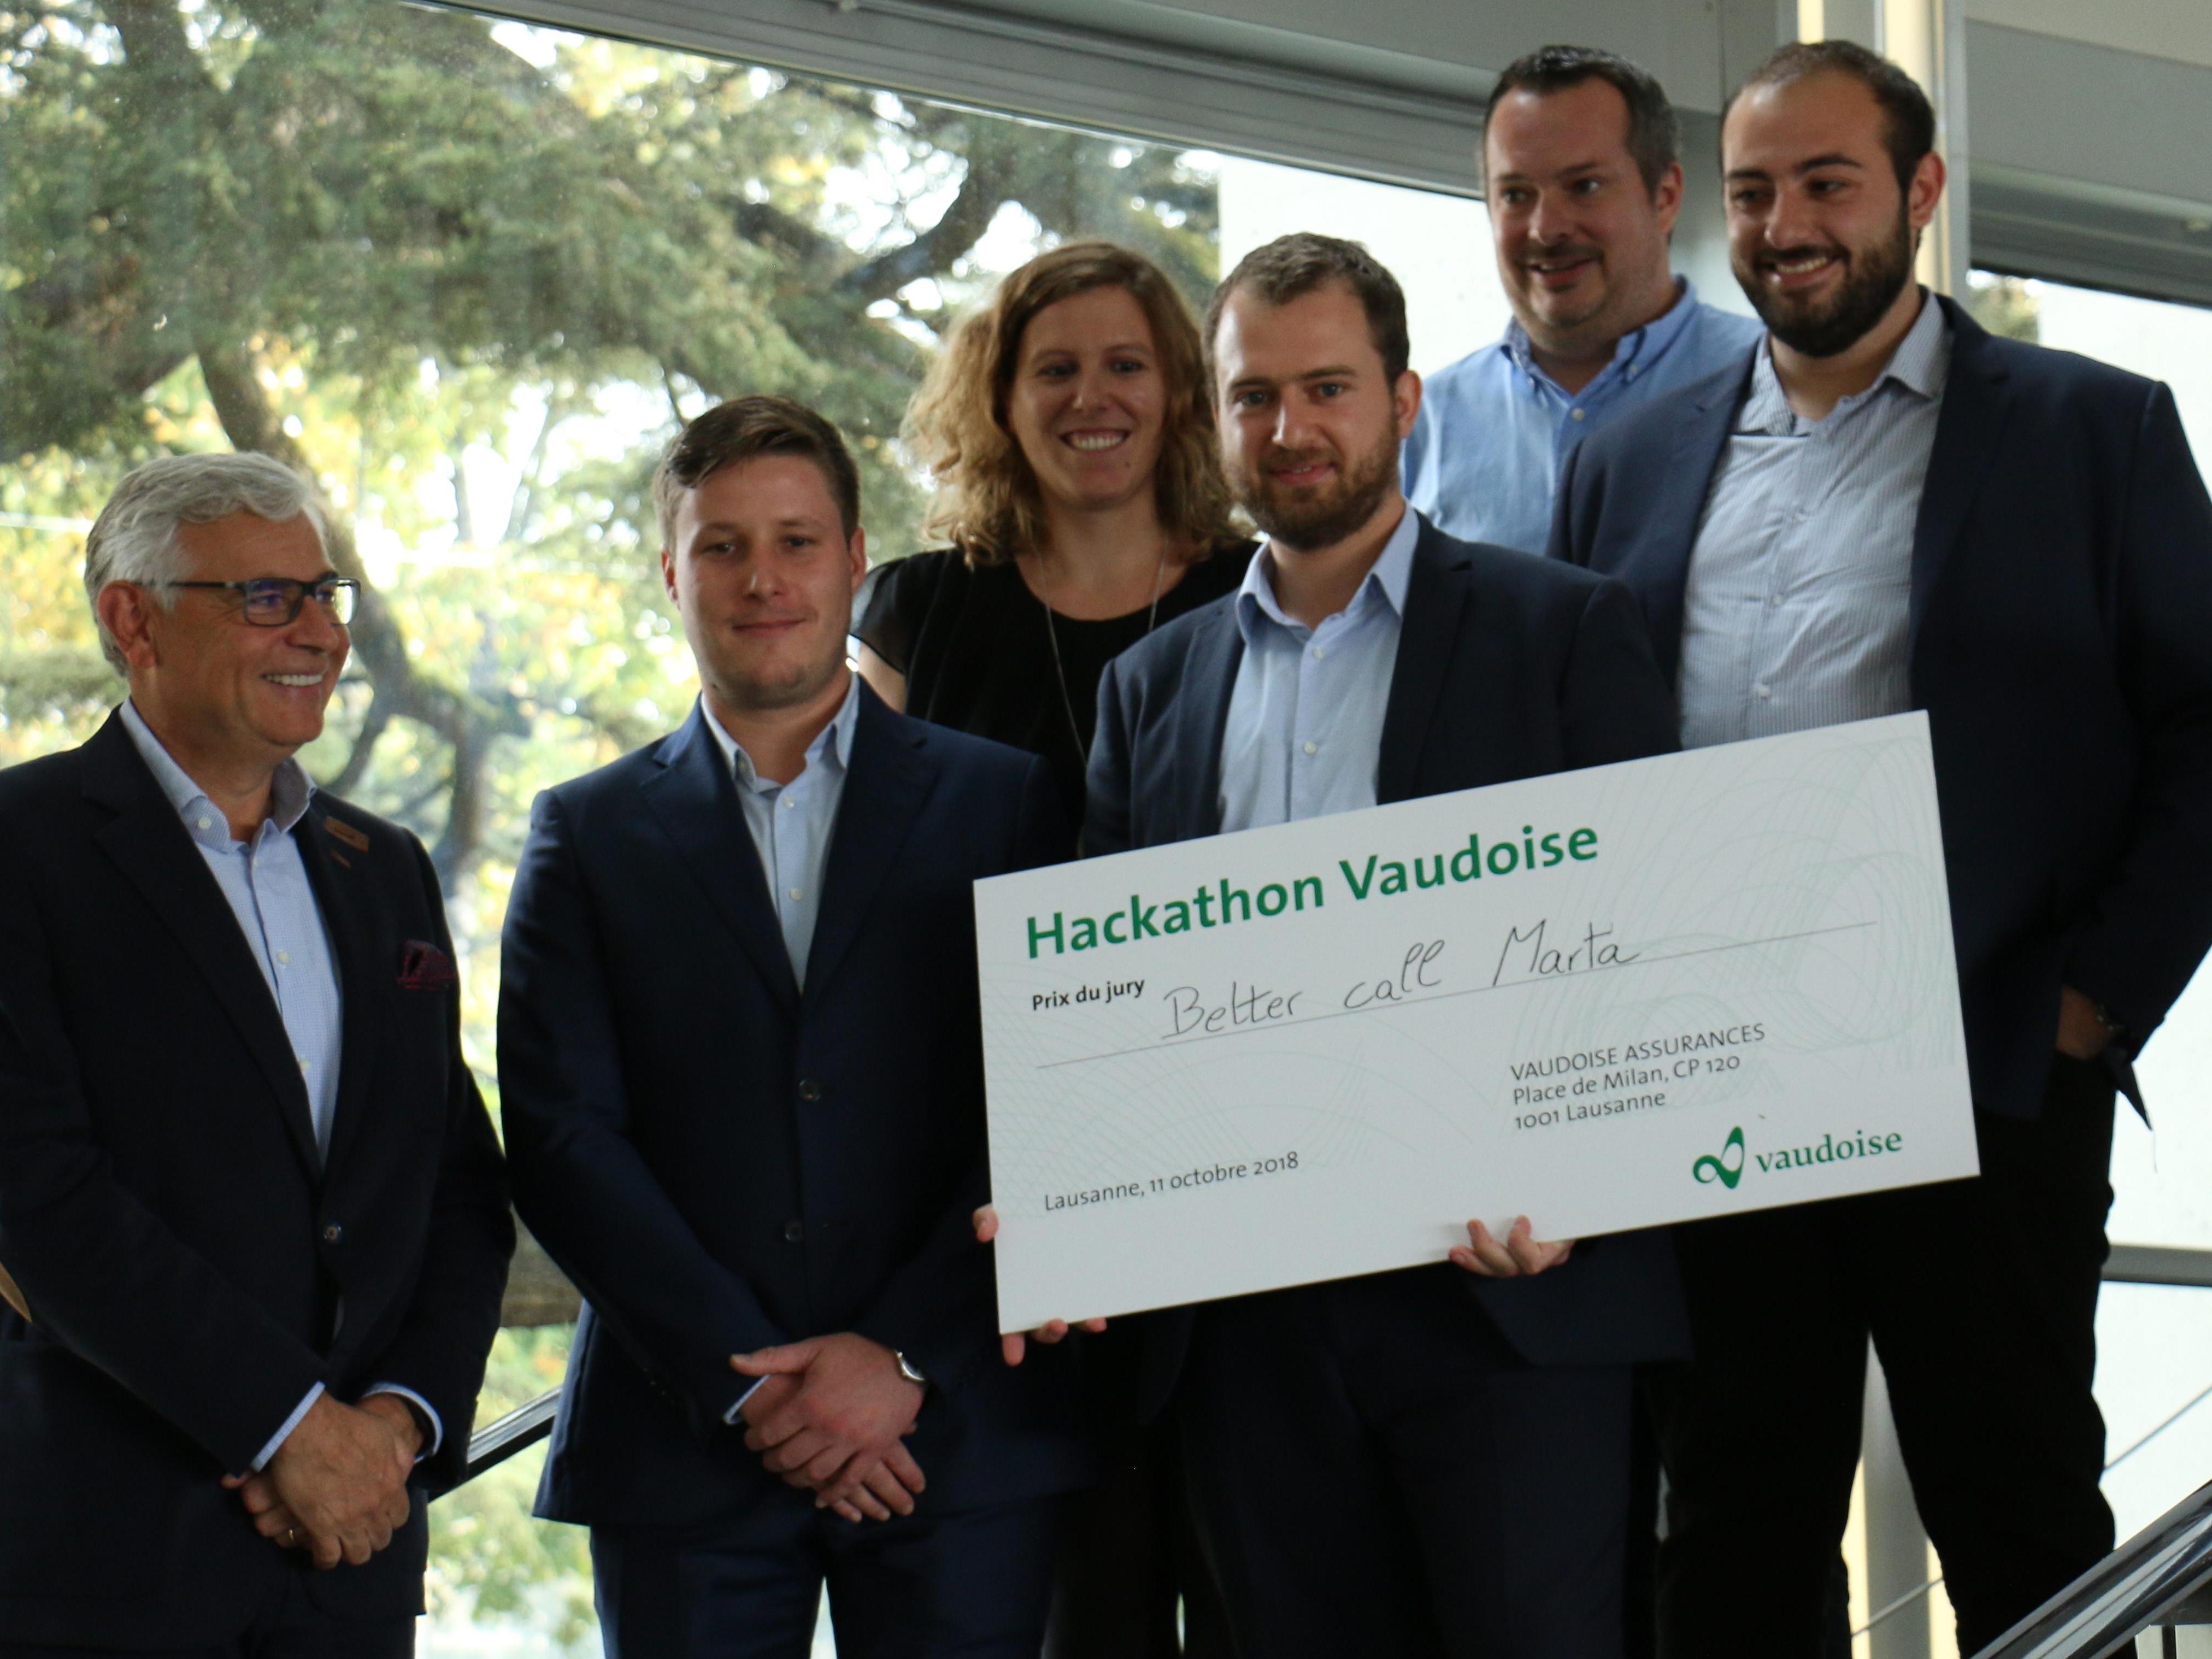 Des étudiant·e·s du Master en Sciences actuarielles participent au hackathon de La Vaudoise Assurances